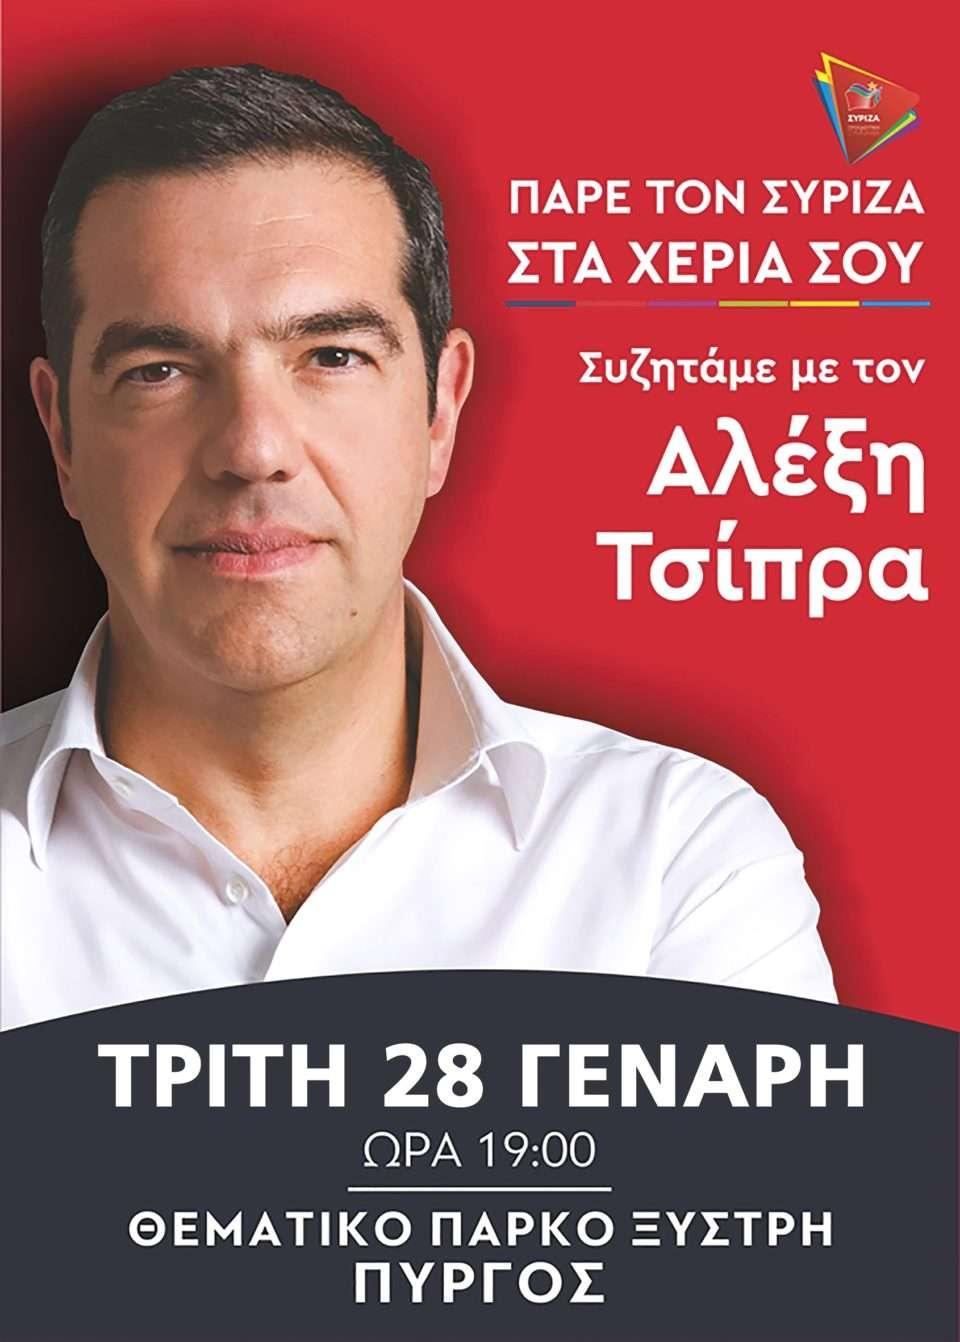 Την Τρίτη 28 Ιανουαρίου τελικά ο Αλέξης Τσίπρας στο Πύργο - Oμιλία σε ανοιχτή συνέλευση στο Θεματικό Πάρκο Ξυστρή